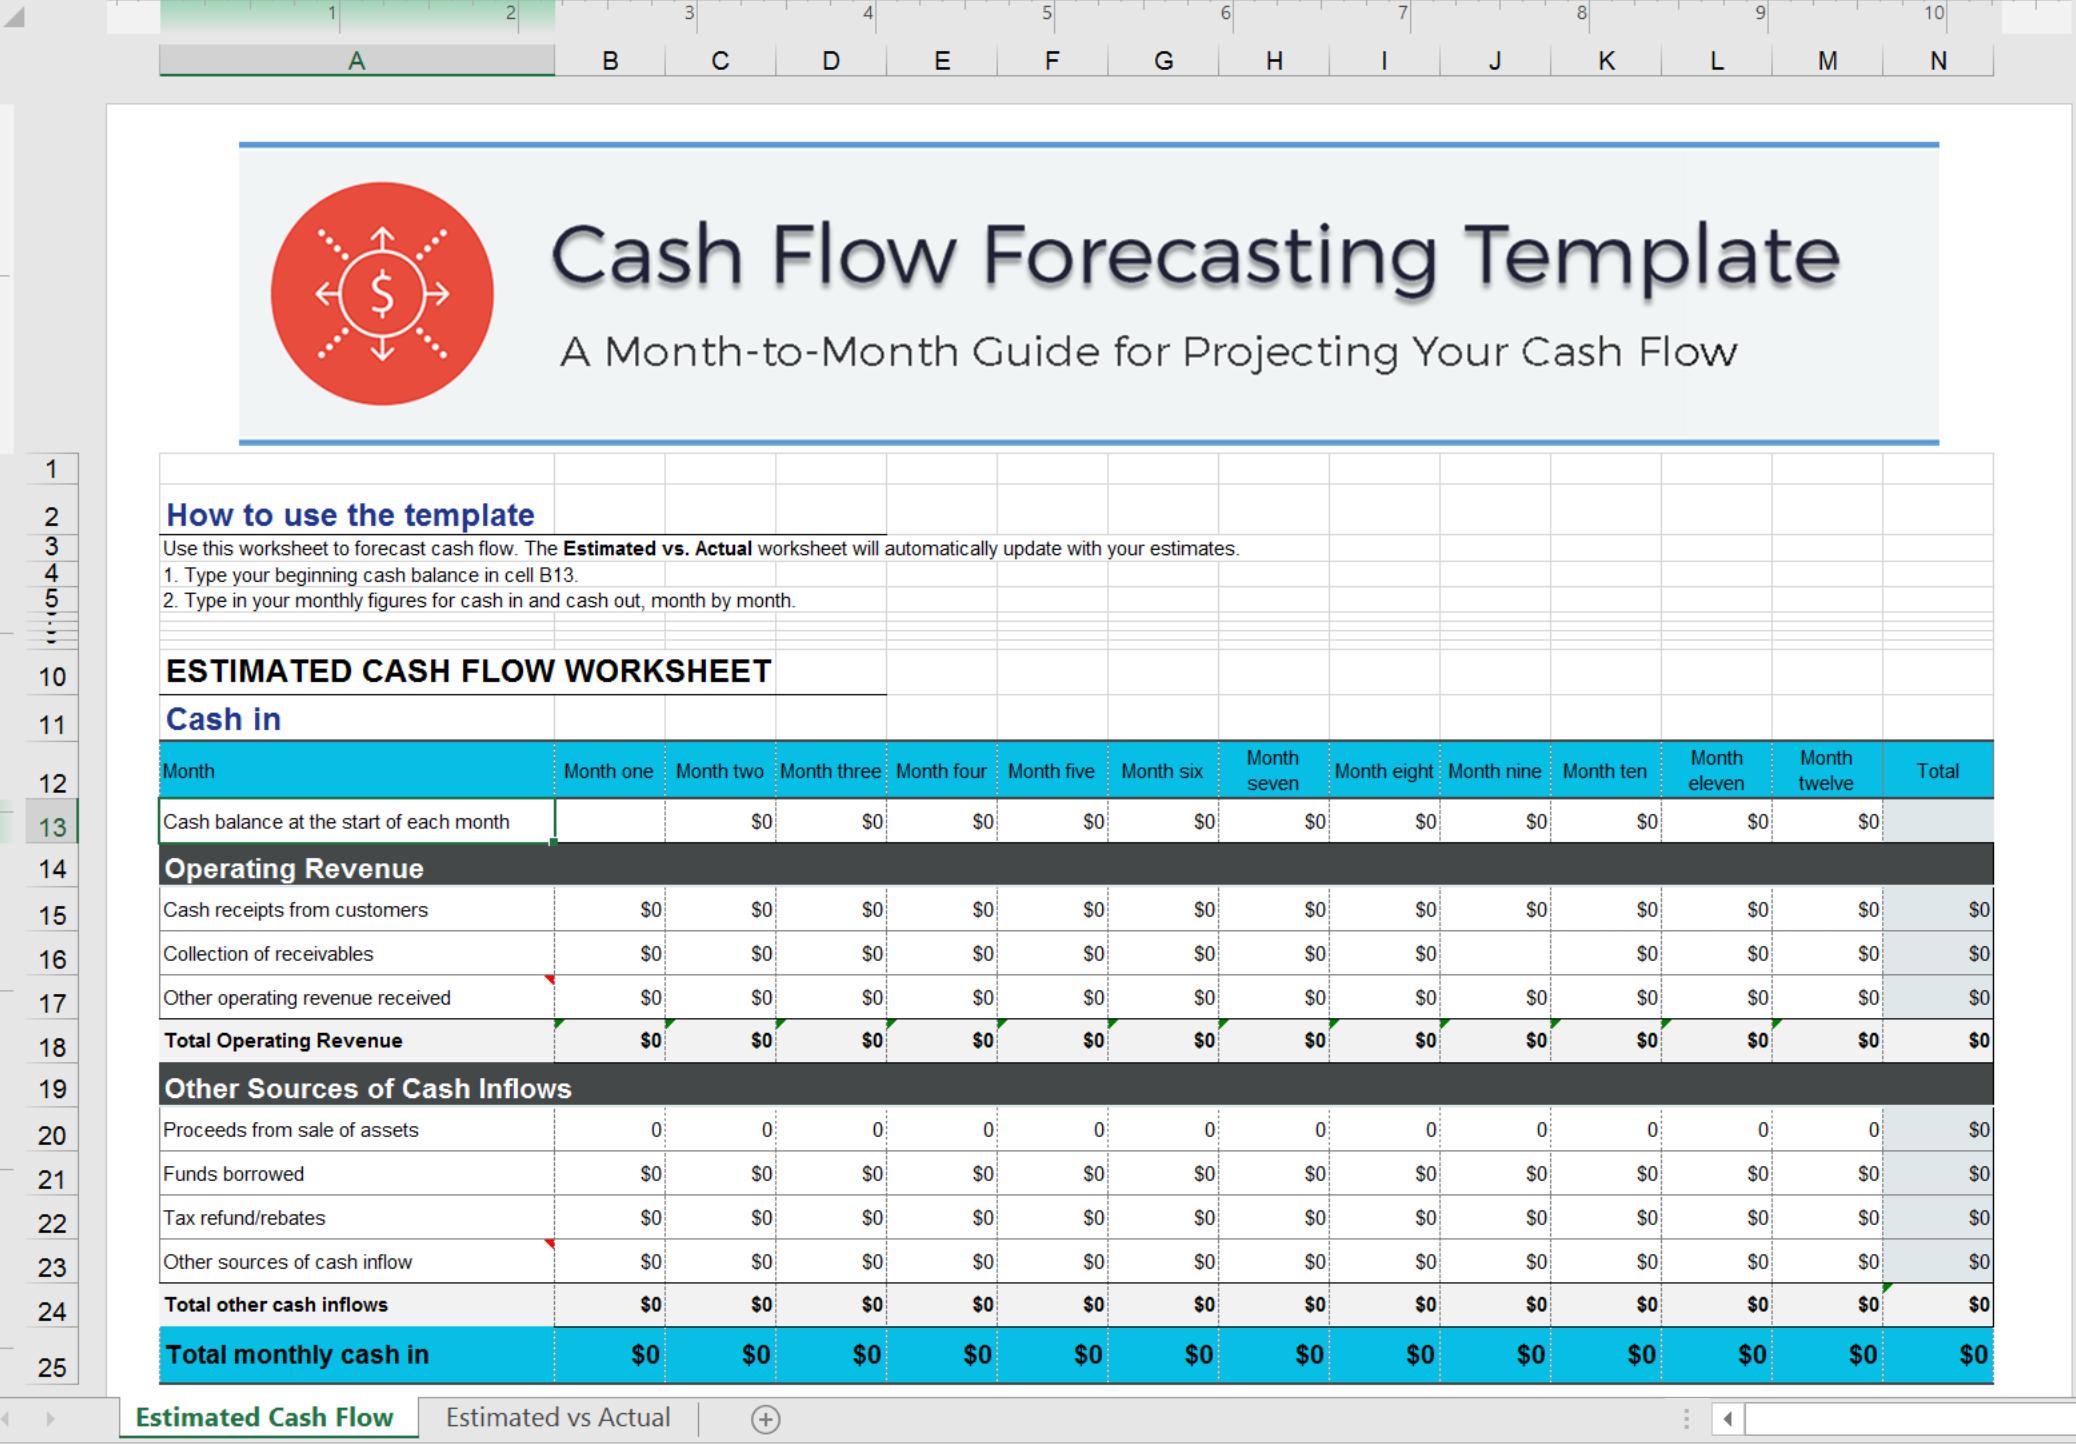 cash flow excel template forecast your cash flow. Black Bedroom Furniture Sets. Home Design Ideas